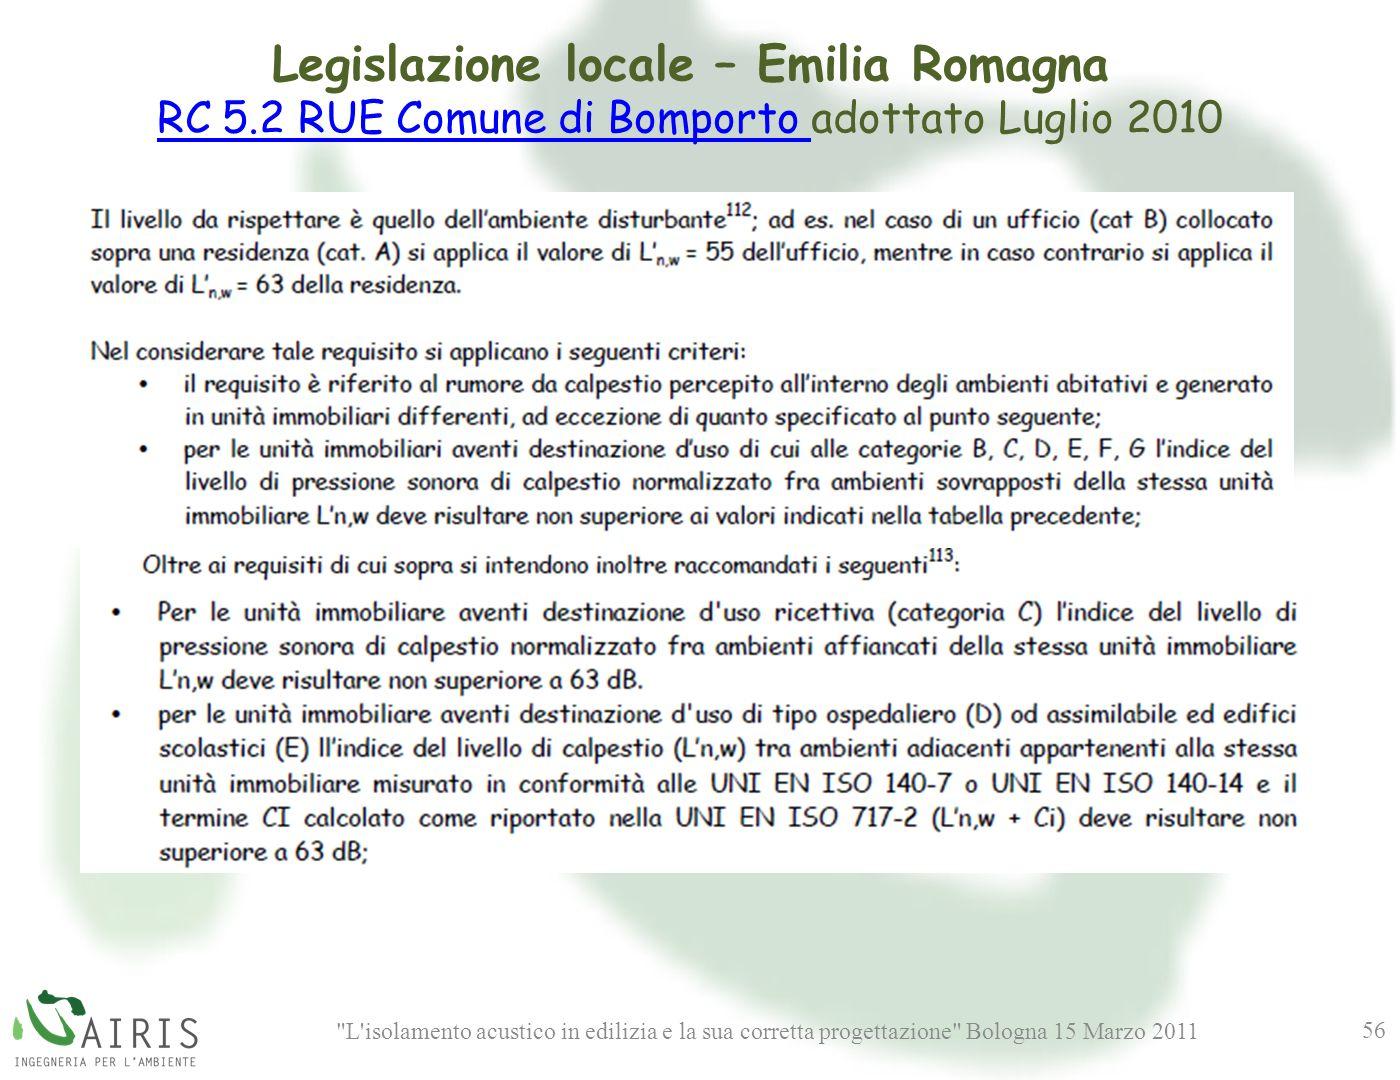 L isolamento acustico in edilizia e la sua corretta progettazione Bologna 15 Marzo 2011 56 Legislazione locale – Emilia Romagna RC 5.2 RUE Comune di Bomporto RC 5.2 RUE Comune di Bomporto adottato Luglio 2010